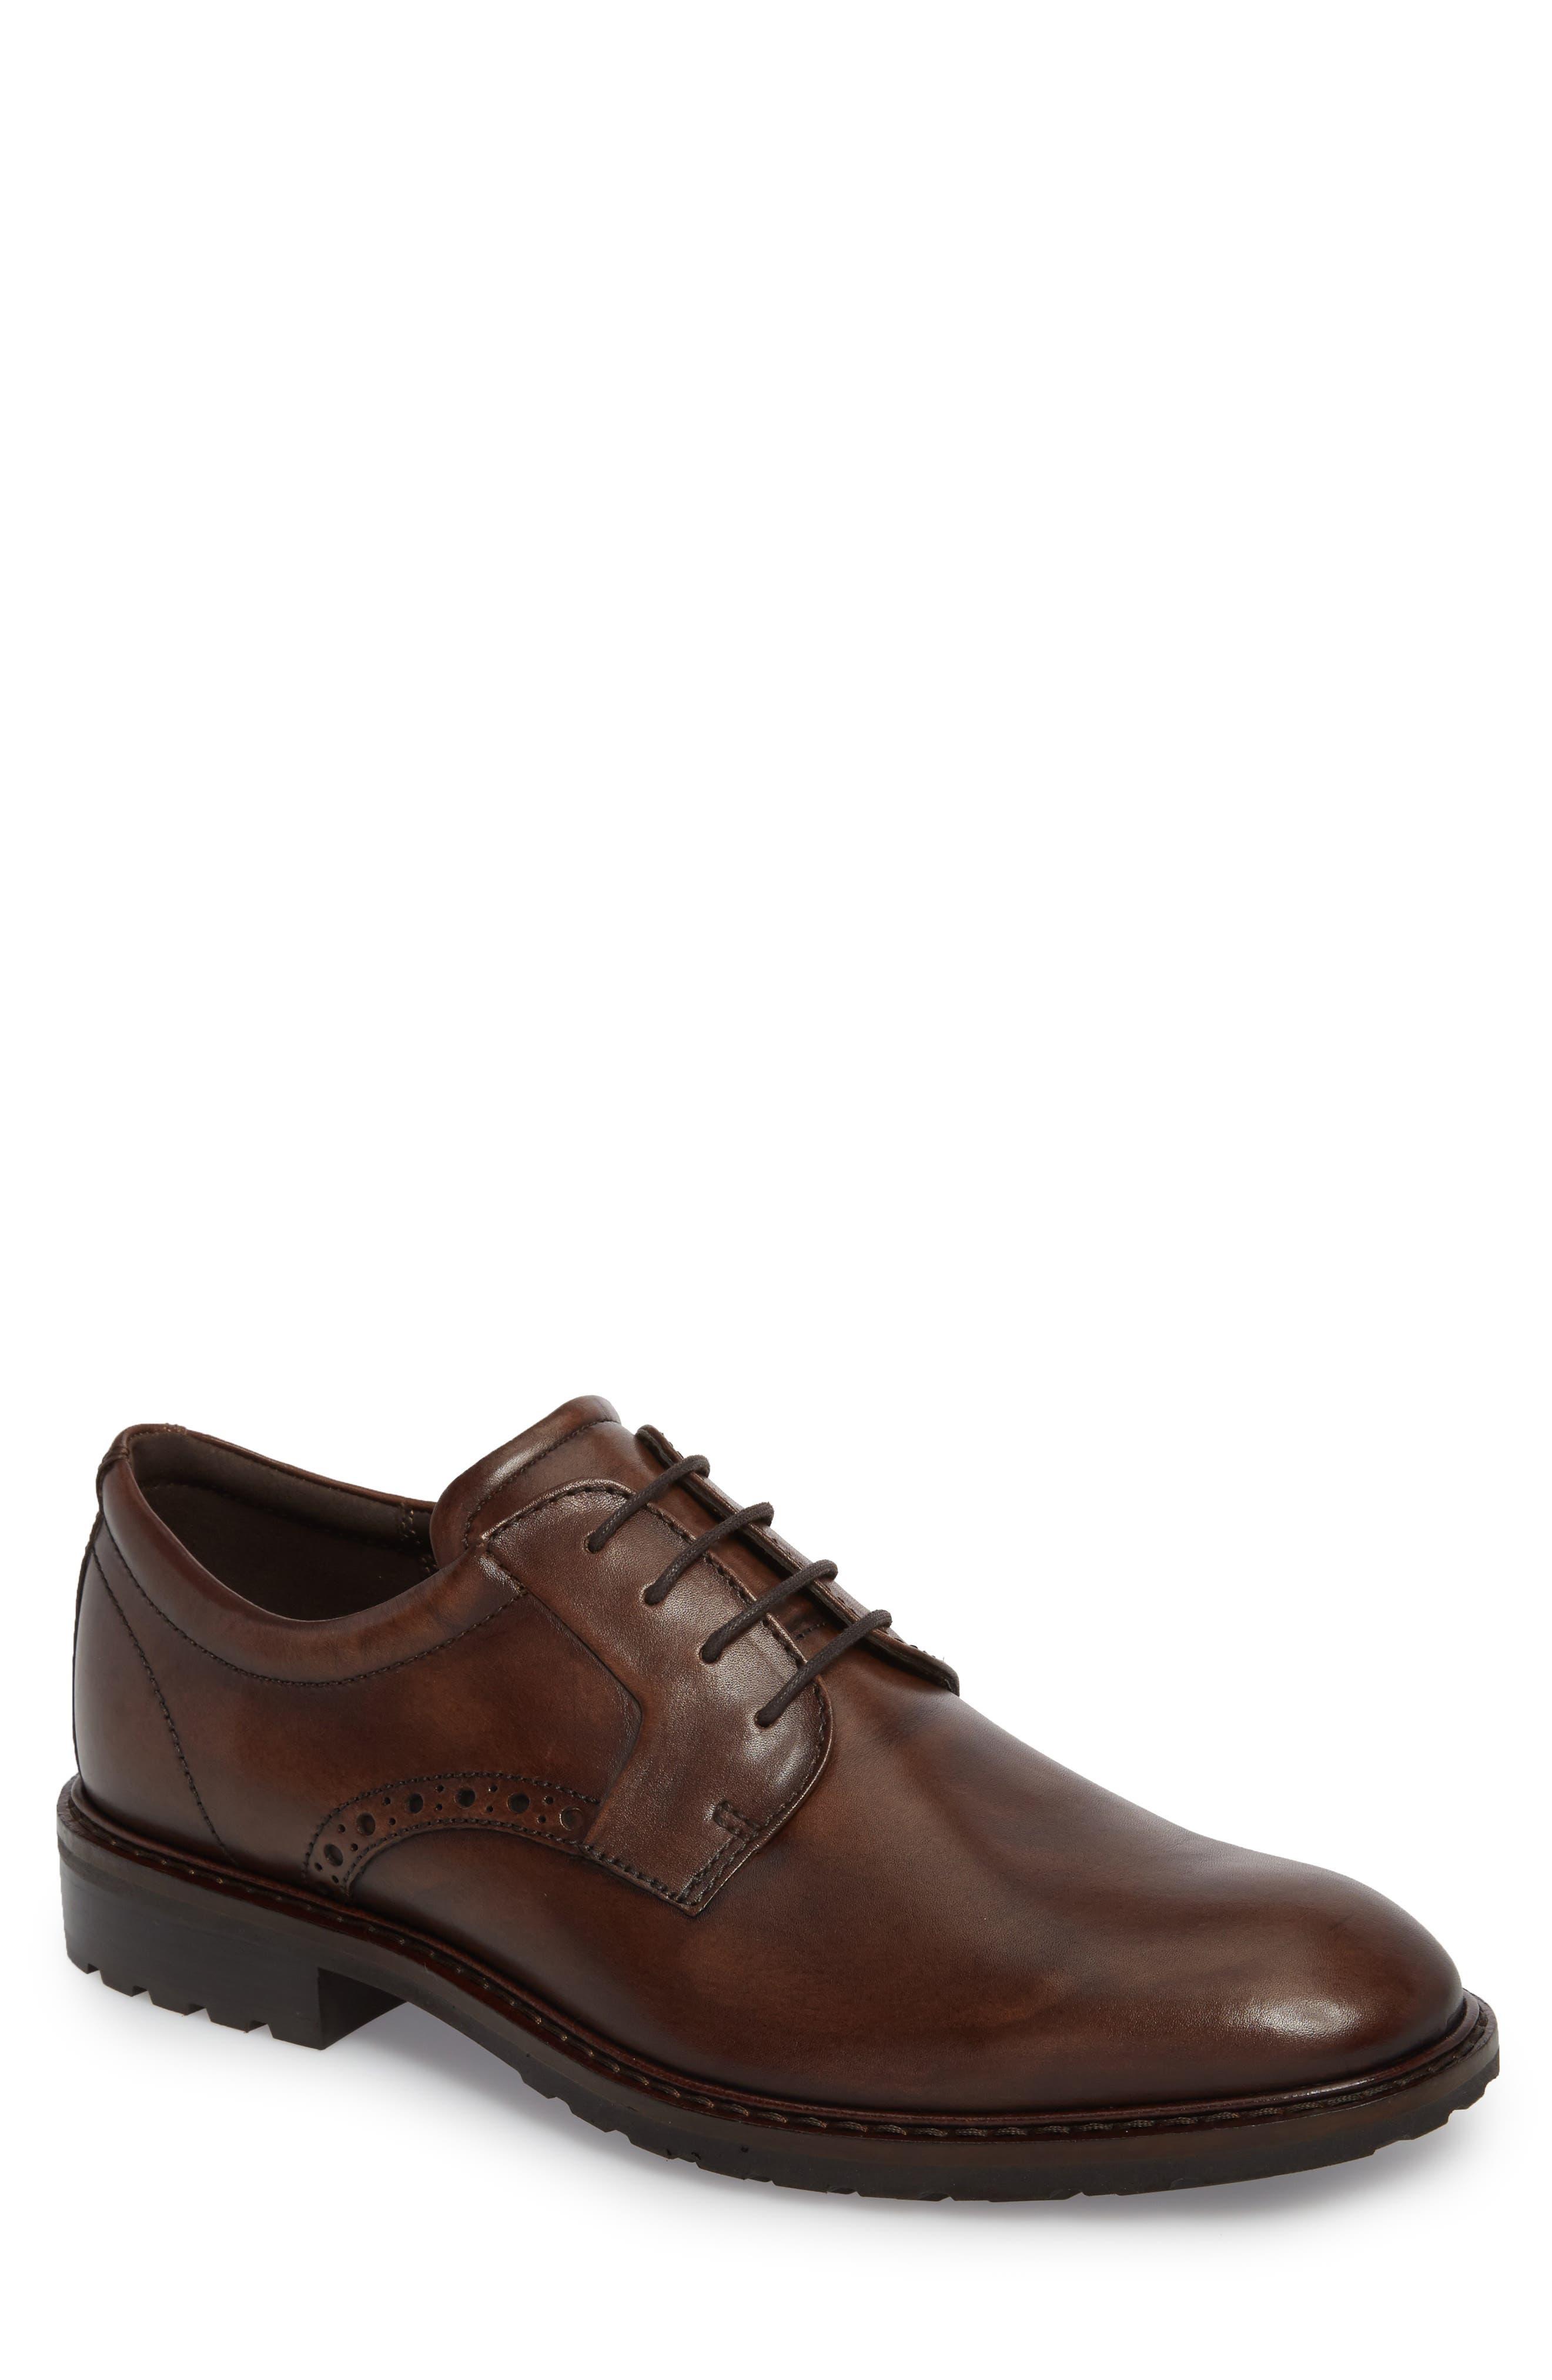 ECCO Men's Ecco Vitrus I Plain Toe Derby, Size 7-7.5US - Brown